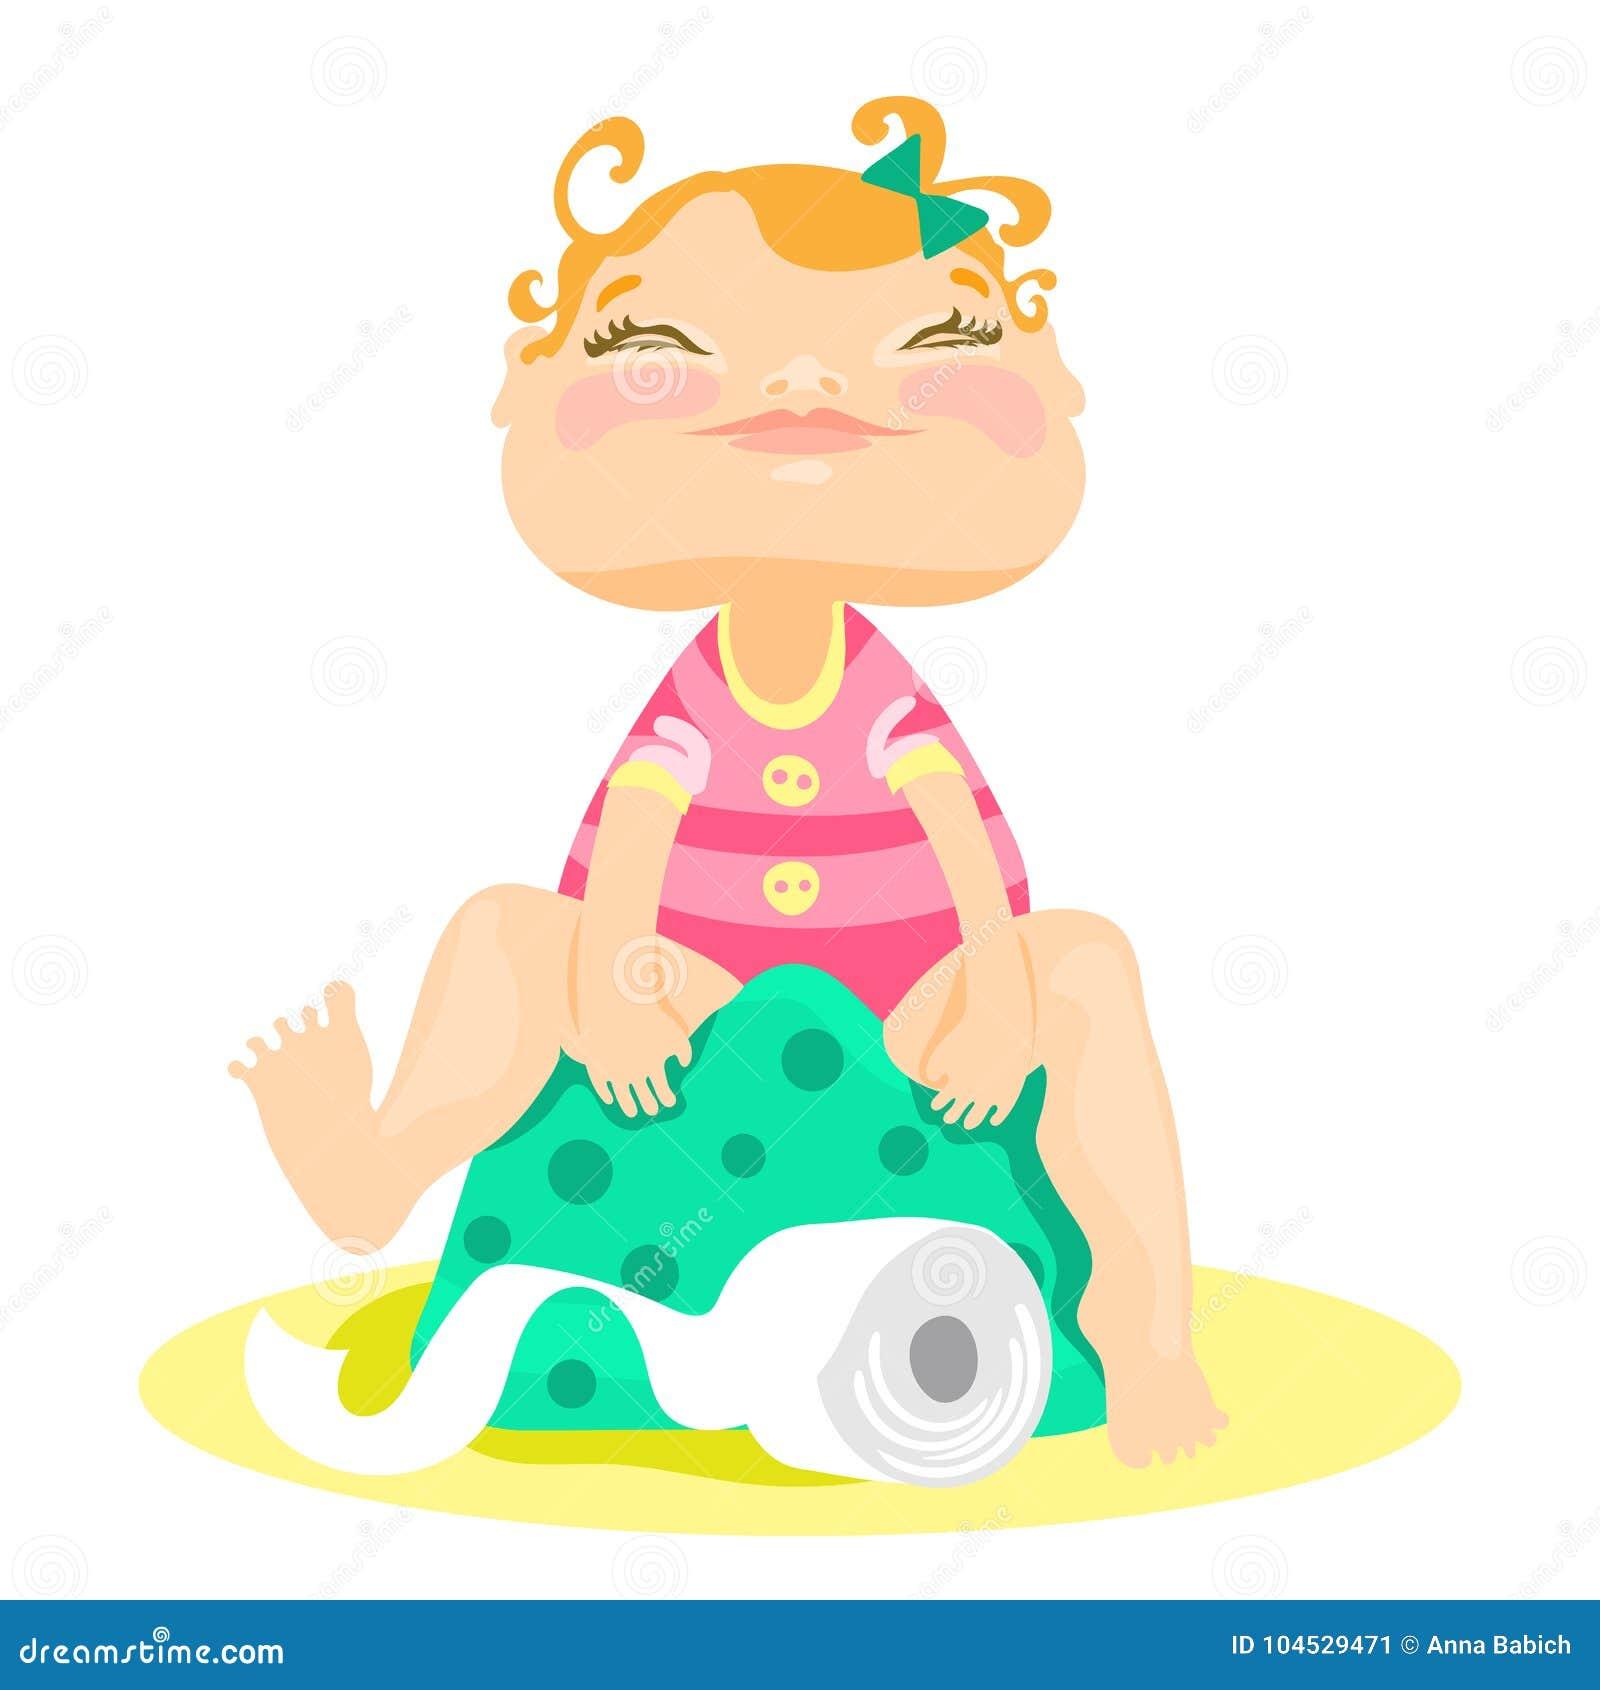 Λατρευτή, χαριτωμένη χαμογελασμένη συνεδρίαση κοριτσάκι σε έναν ασήμαντο